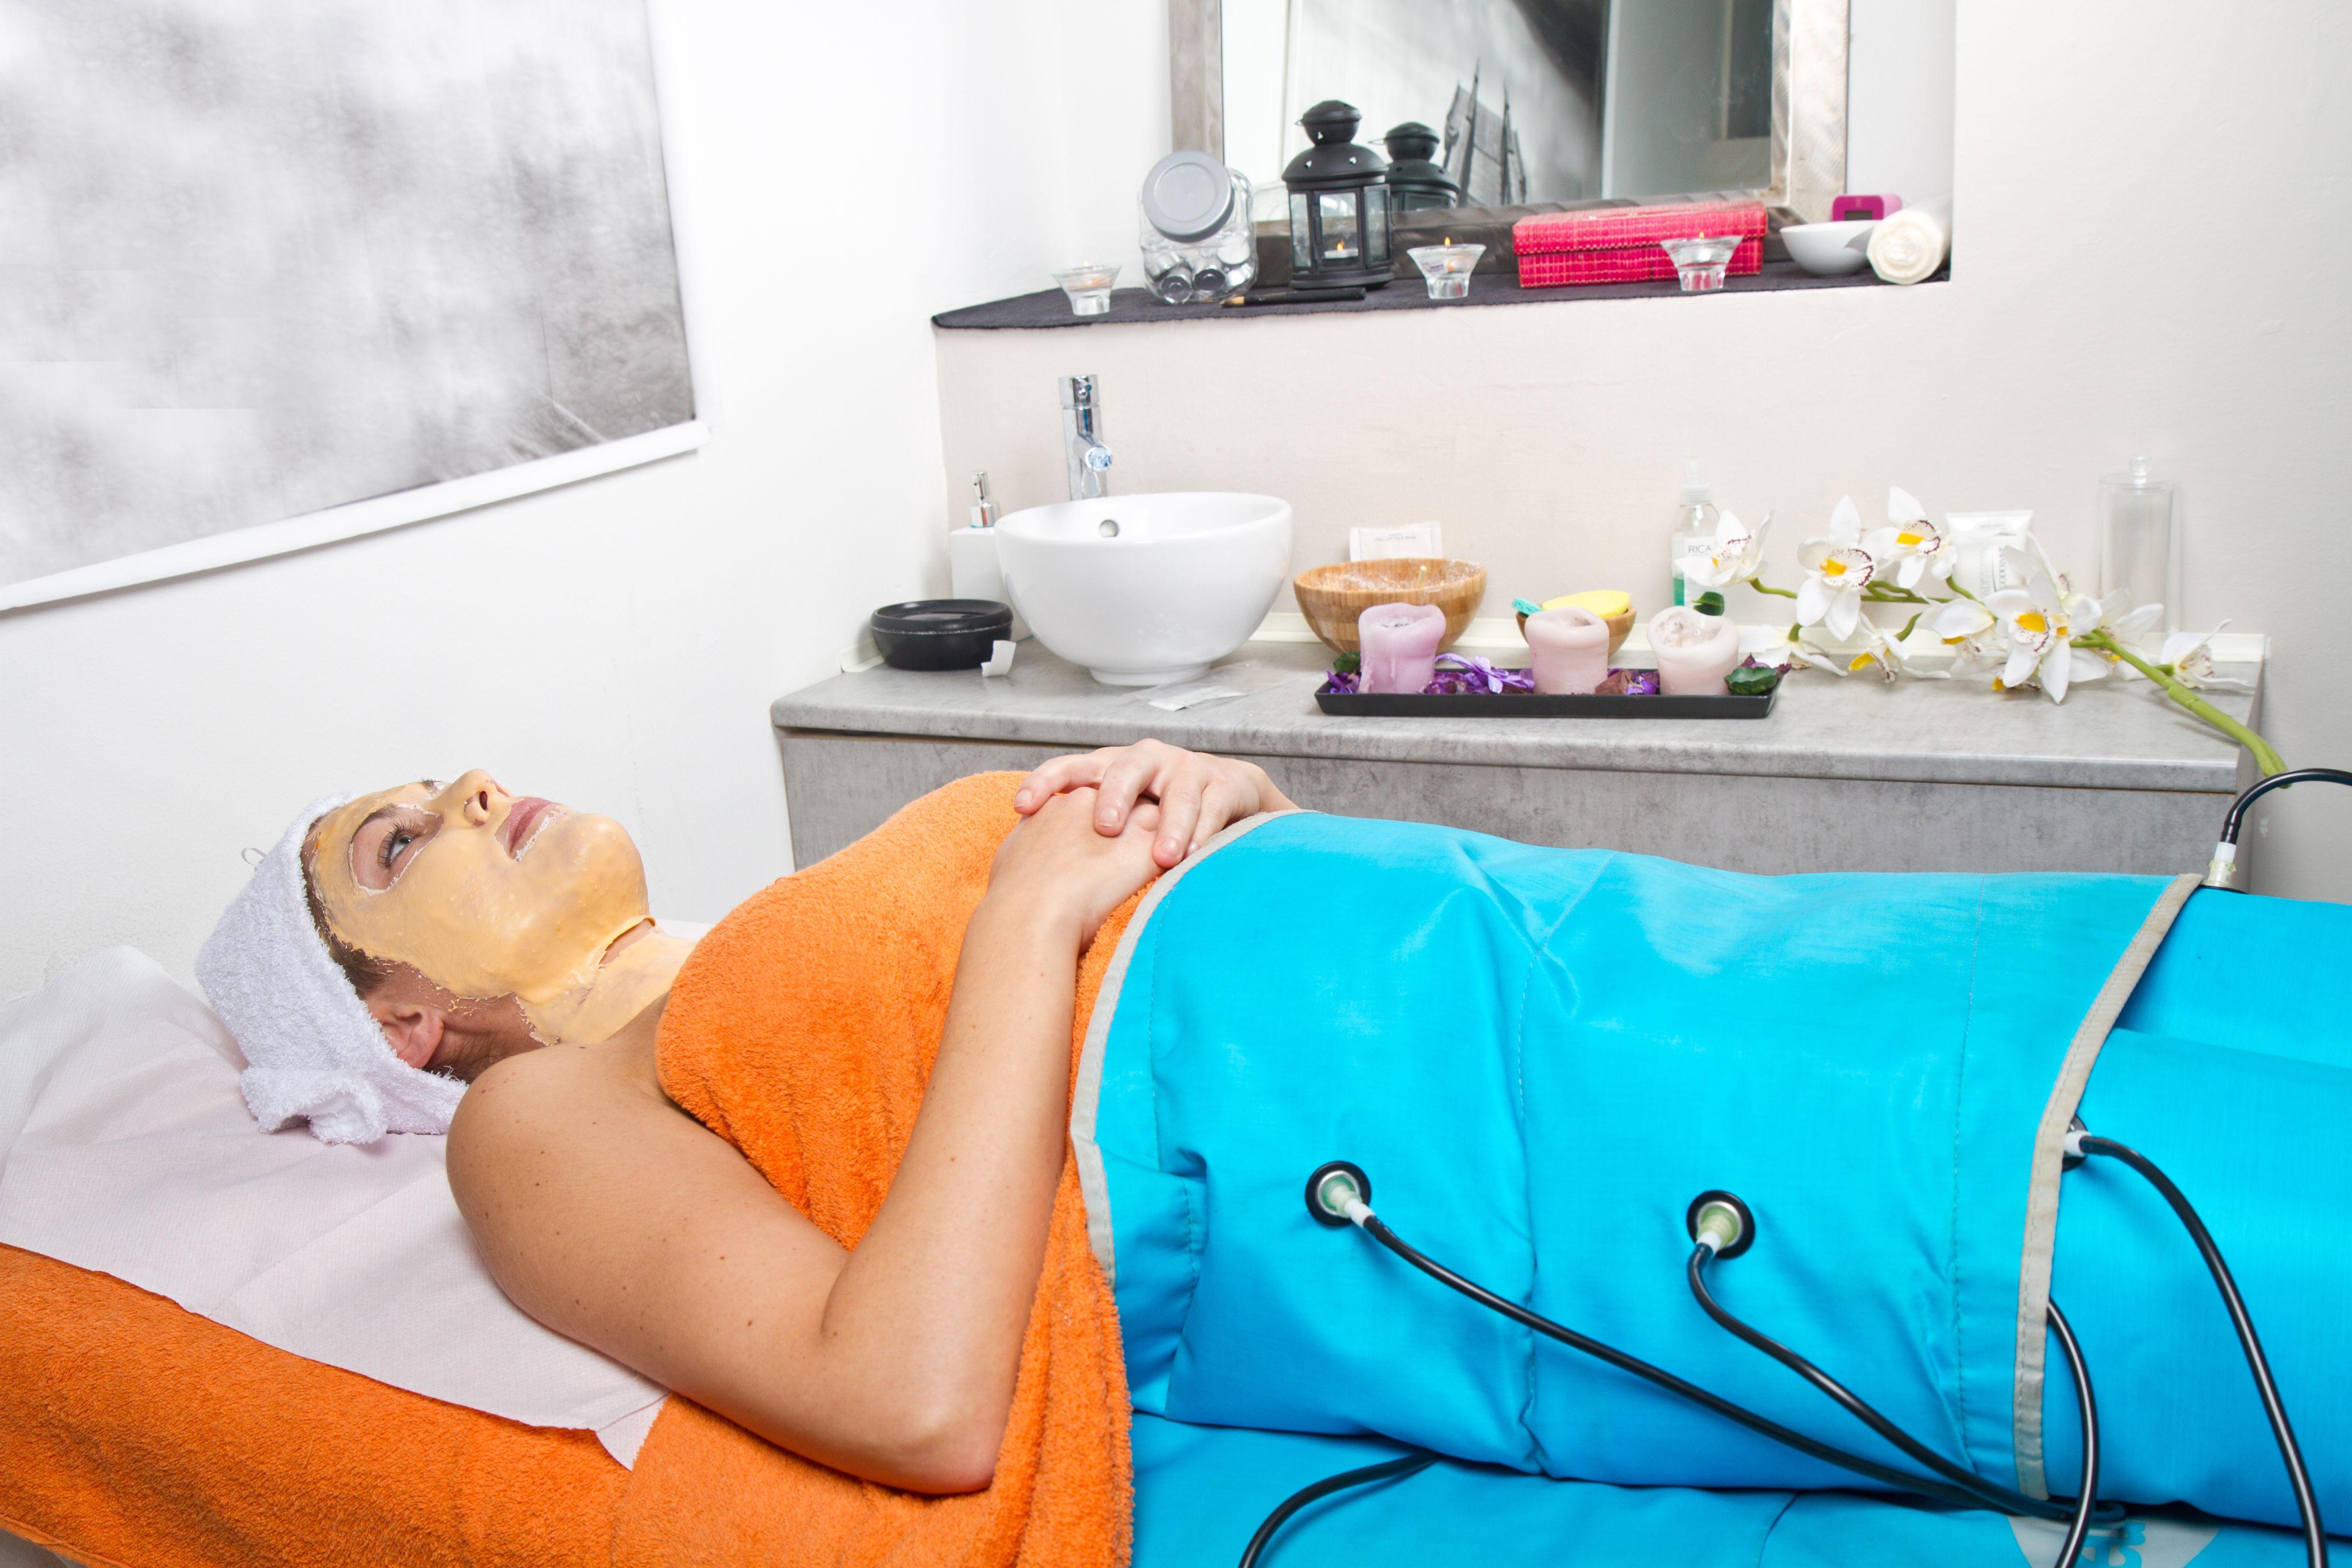 Presoterapia: Nuestros servicios de Estética Aloe